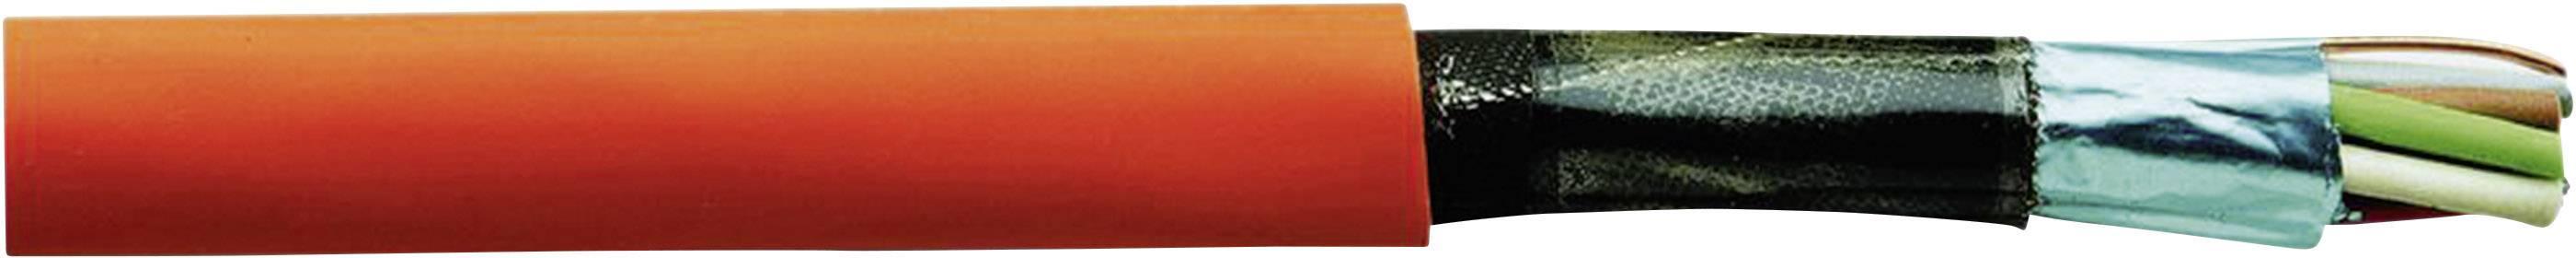 Signalizační kabel Faber Kabel JE-H(ST)H BD E30-E90 (100275), stíněný, oranžová, 1 m